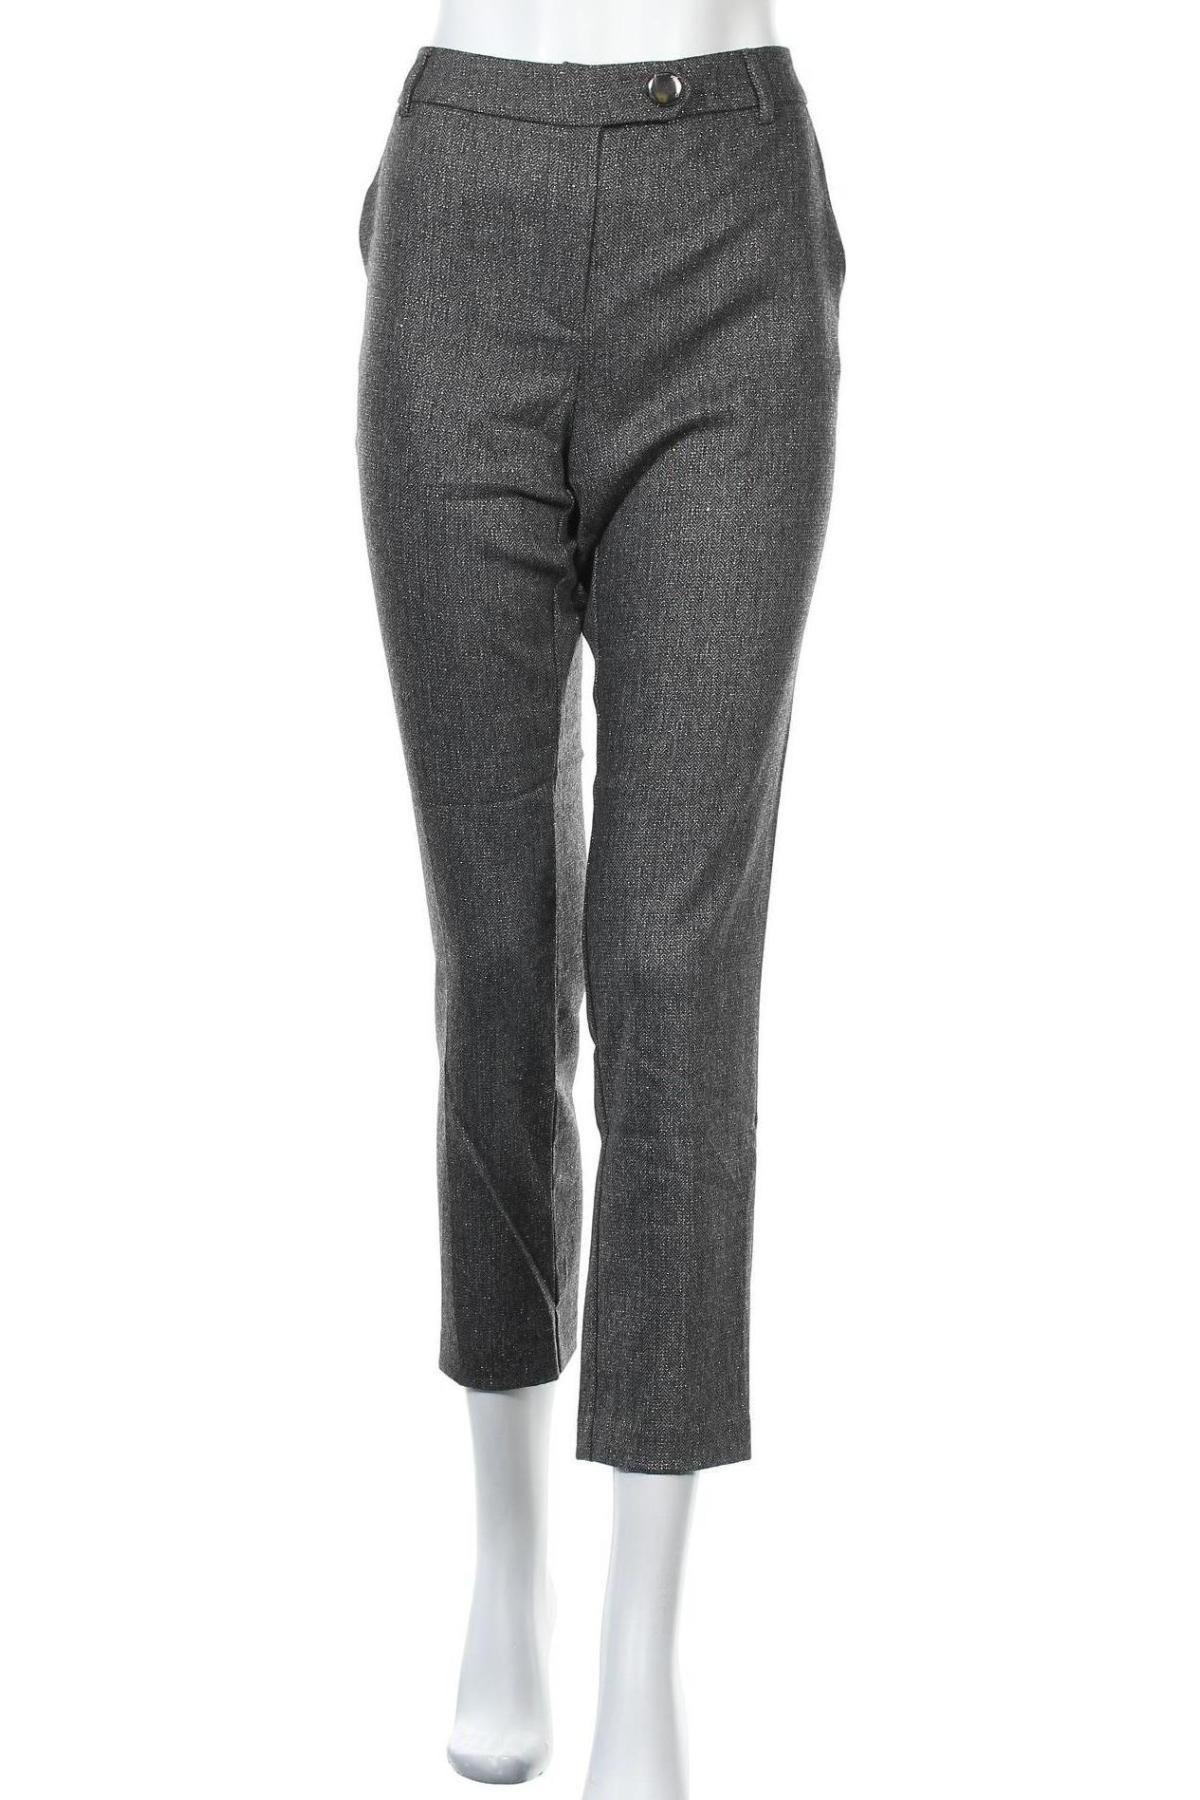 Дамски панталон Camomilla, Размер L, Цвят Сив, 57% полиестер, 27% вълна, 14% вискоза, 2% еластан, Цена 24,92лв.